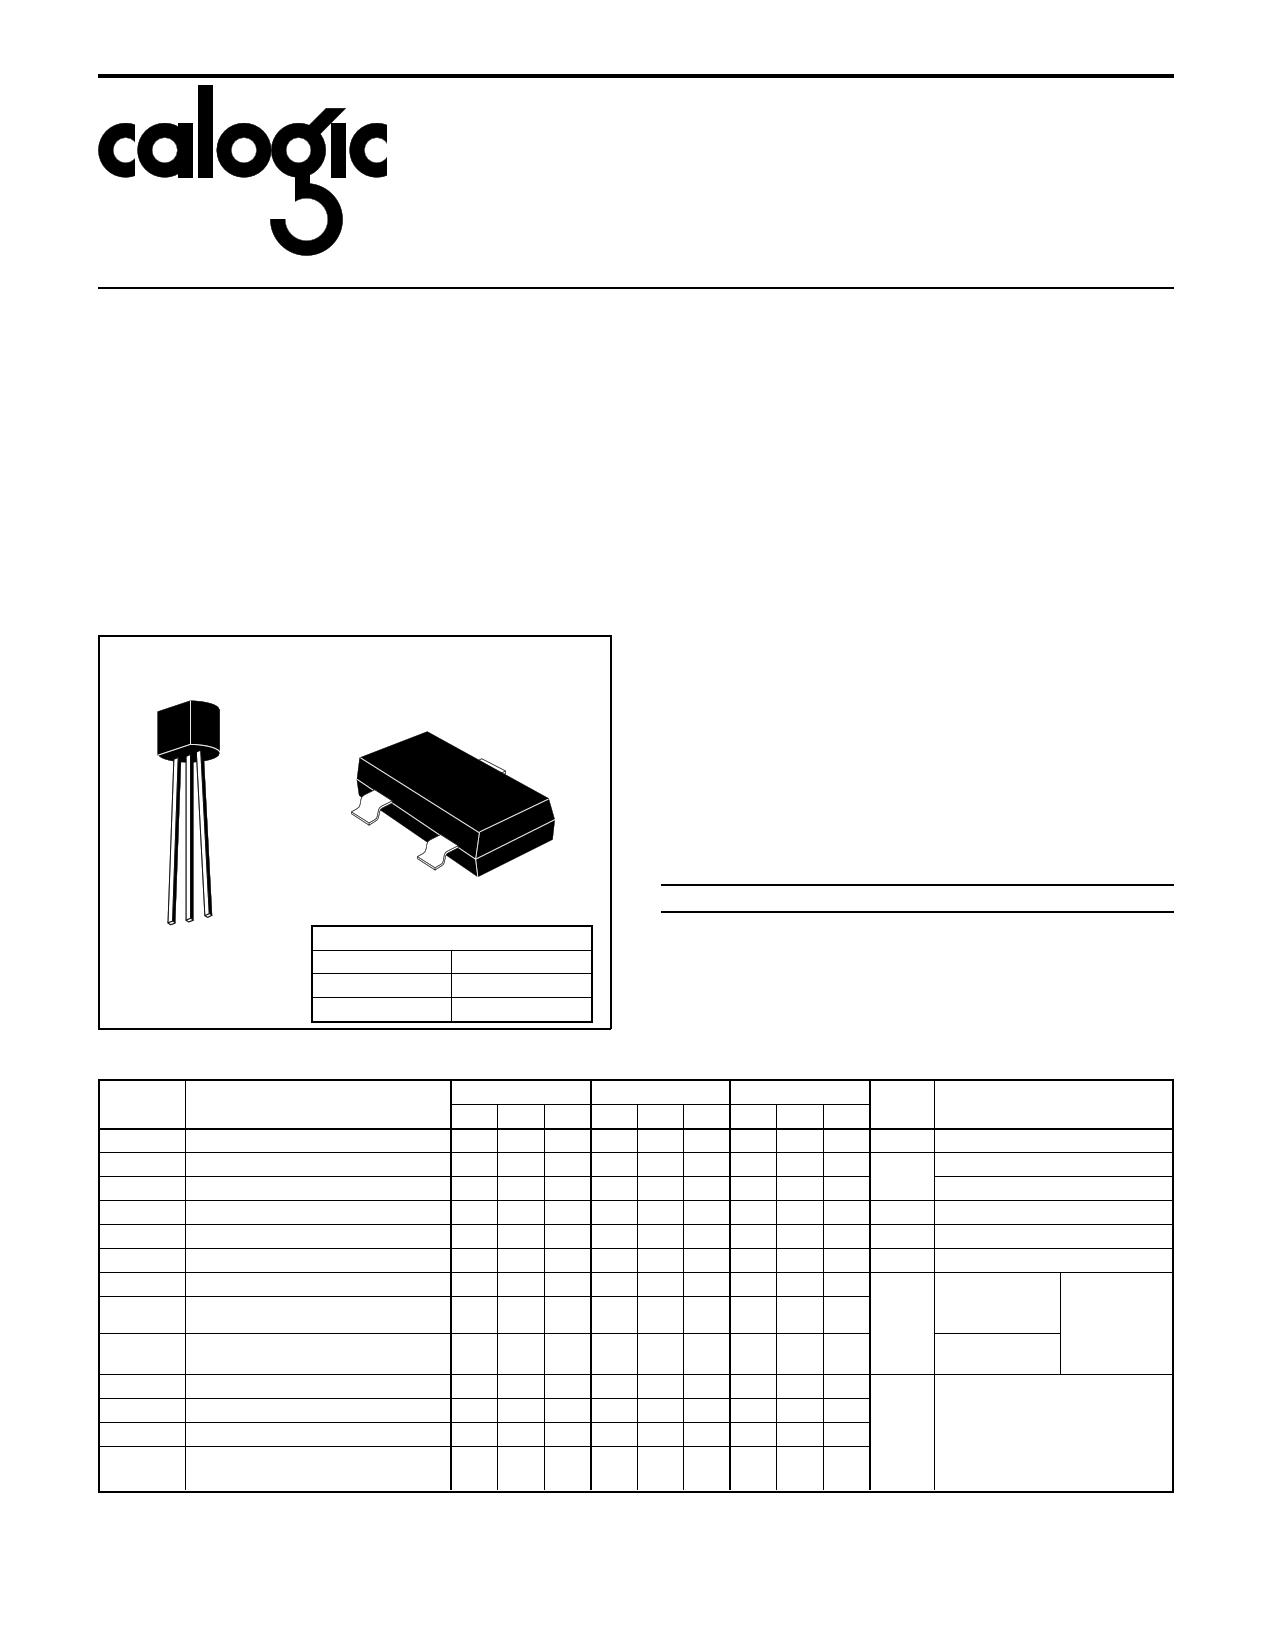 J108-110 datasheet